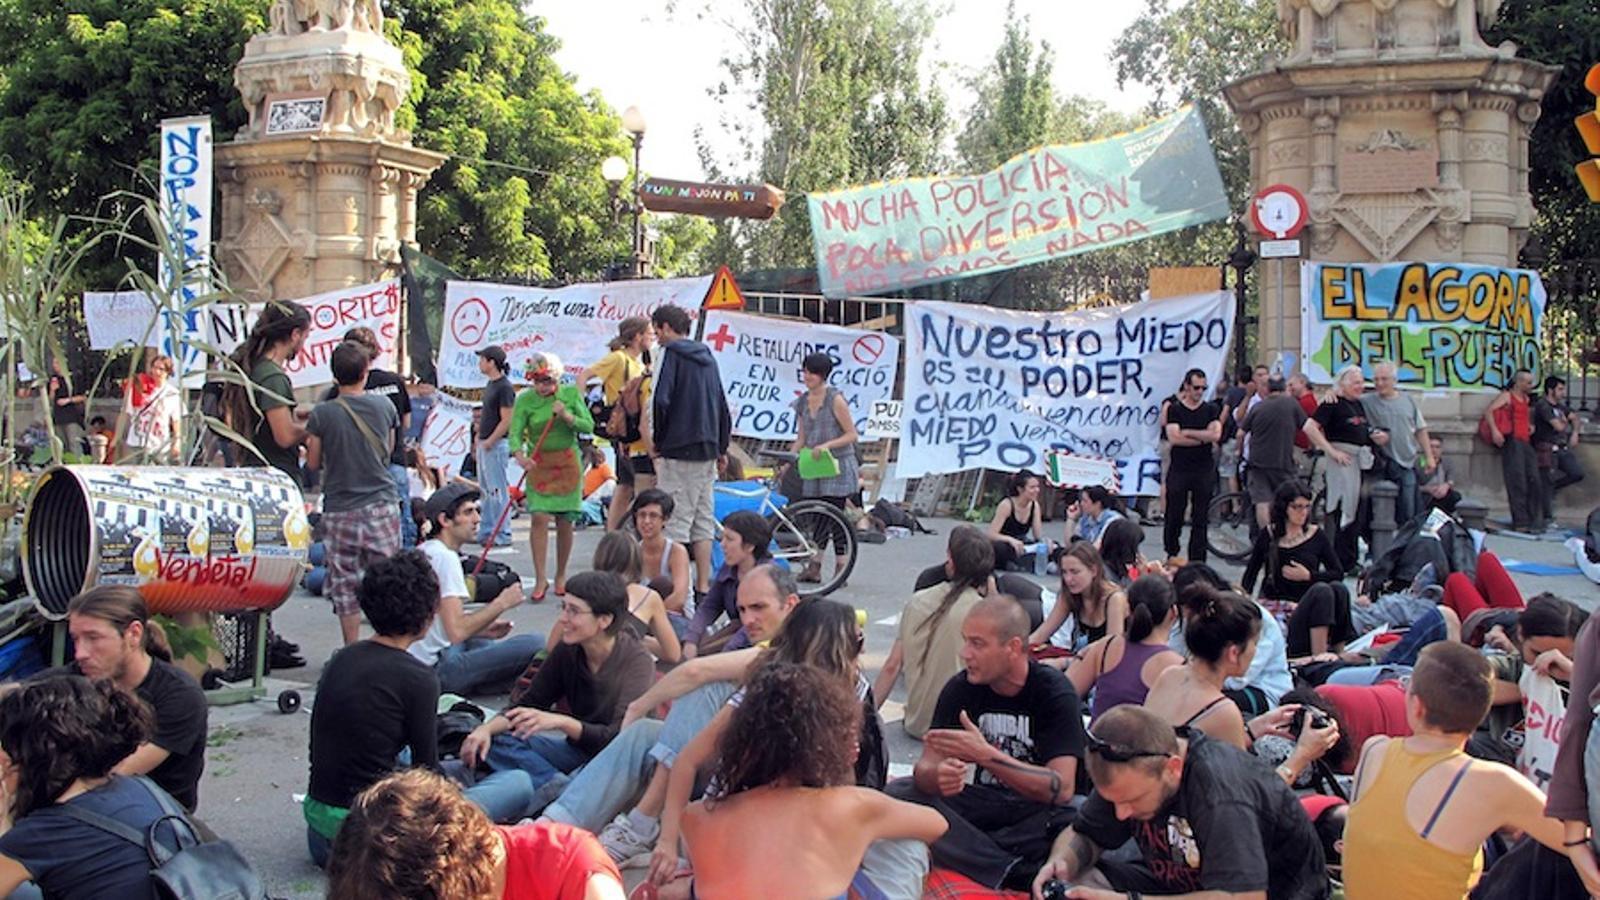 Els 'indignats' segueixen concentrats a l'entorn del parc de la Ciutadella / EFE